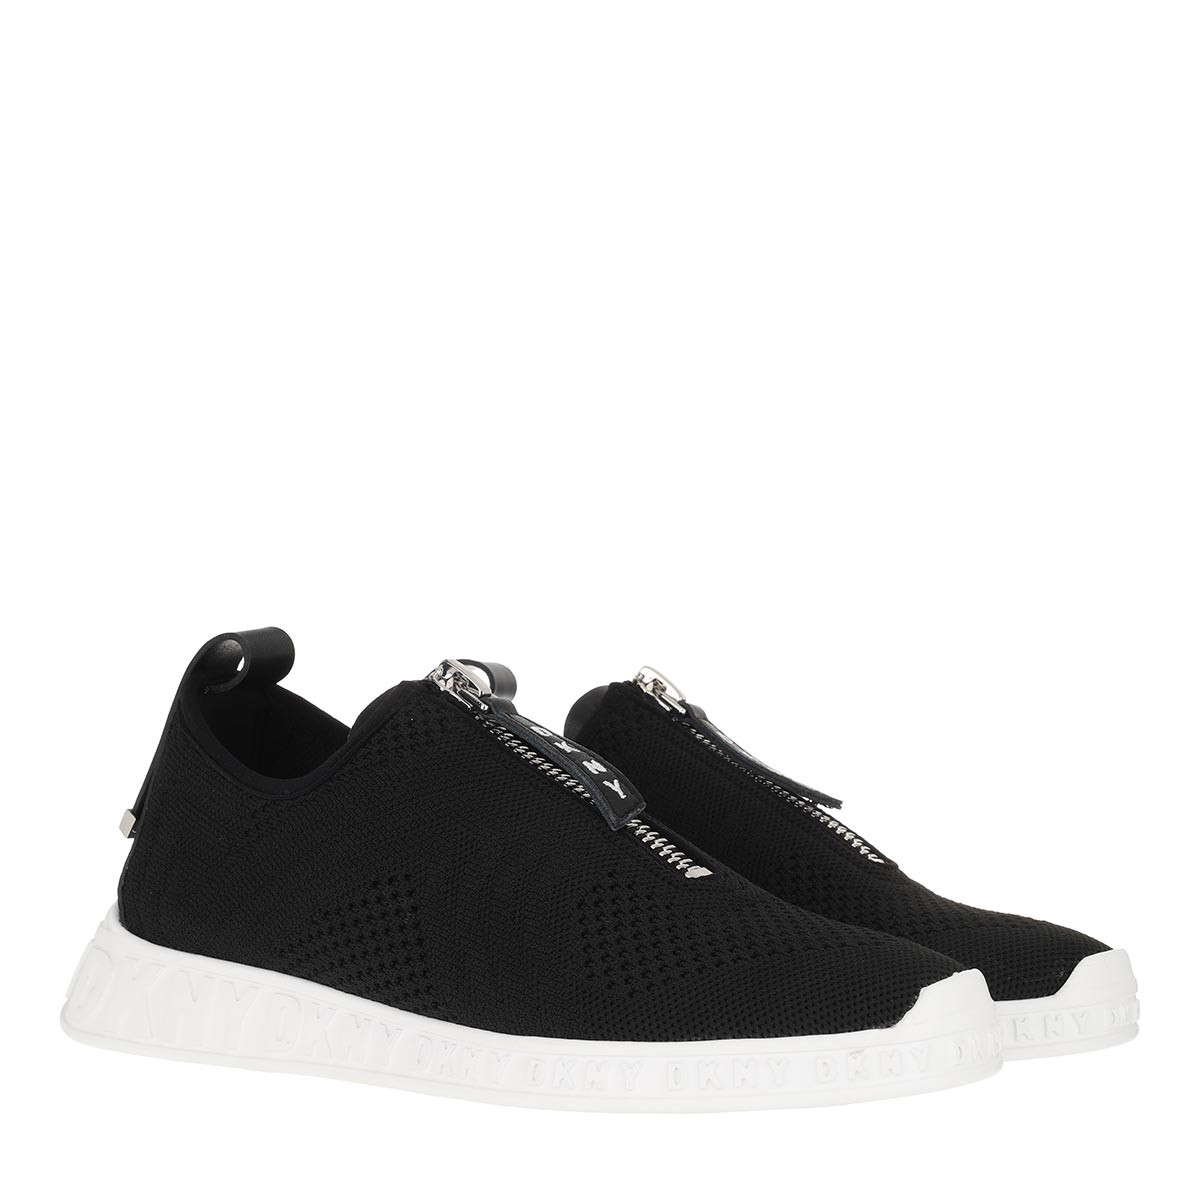 DKNY Sneakers - Melissa Slip On Sneaker Black - in schwarz - für Damen